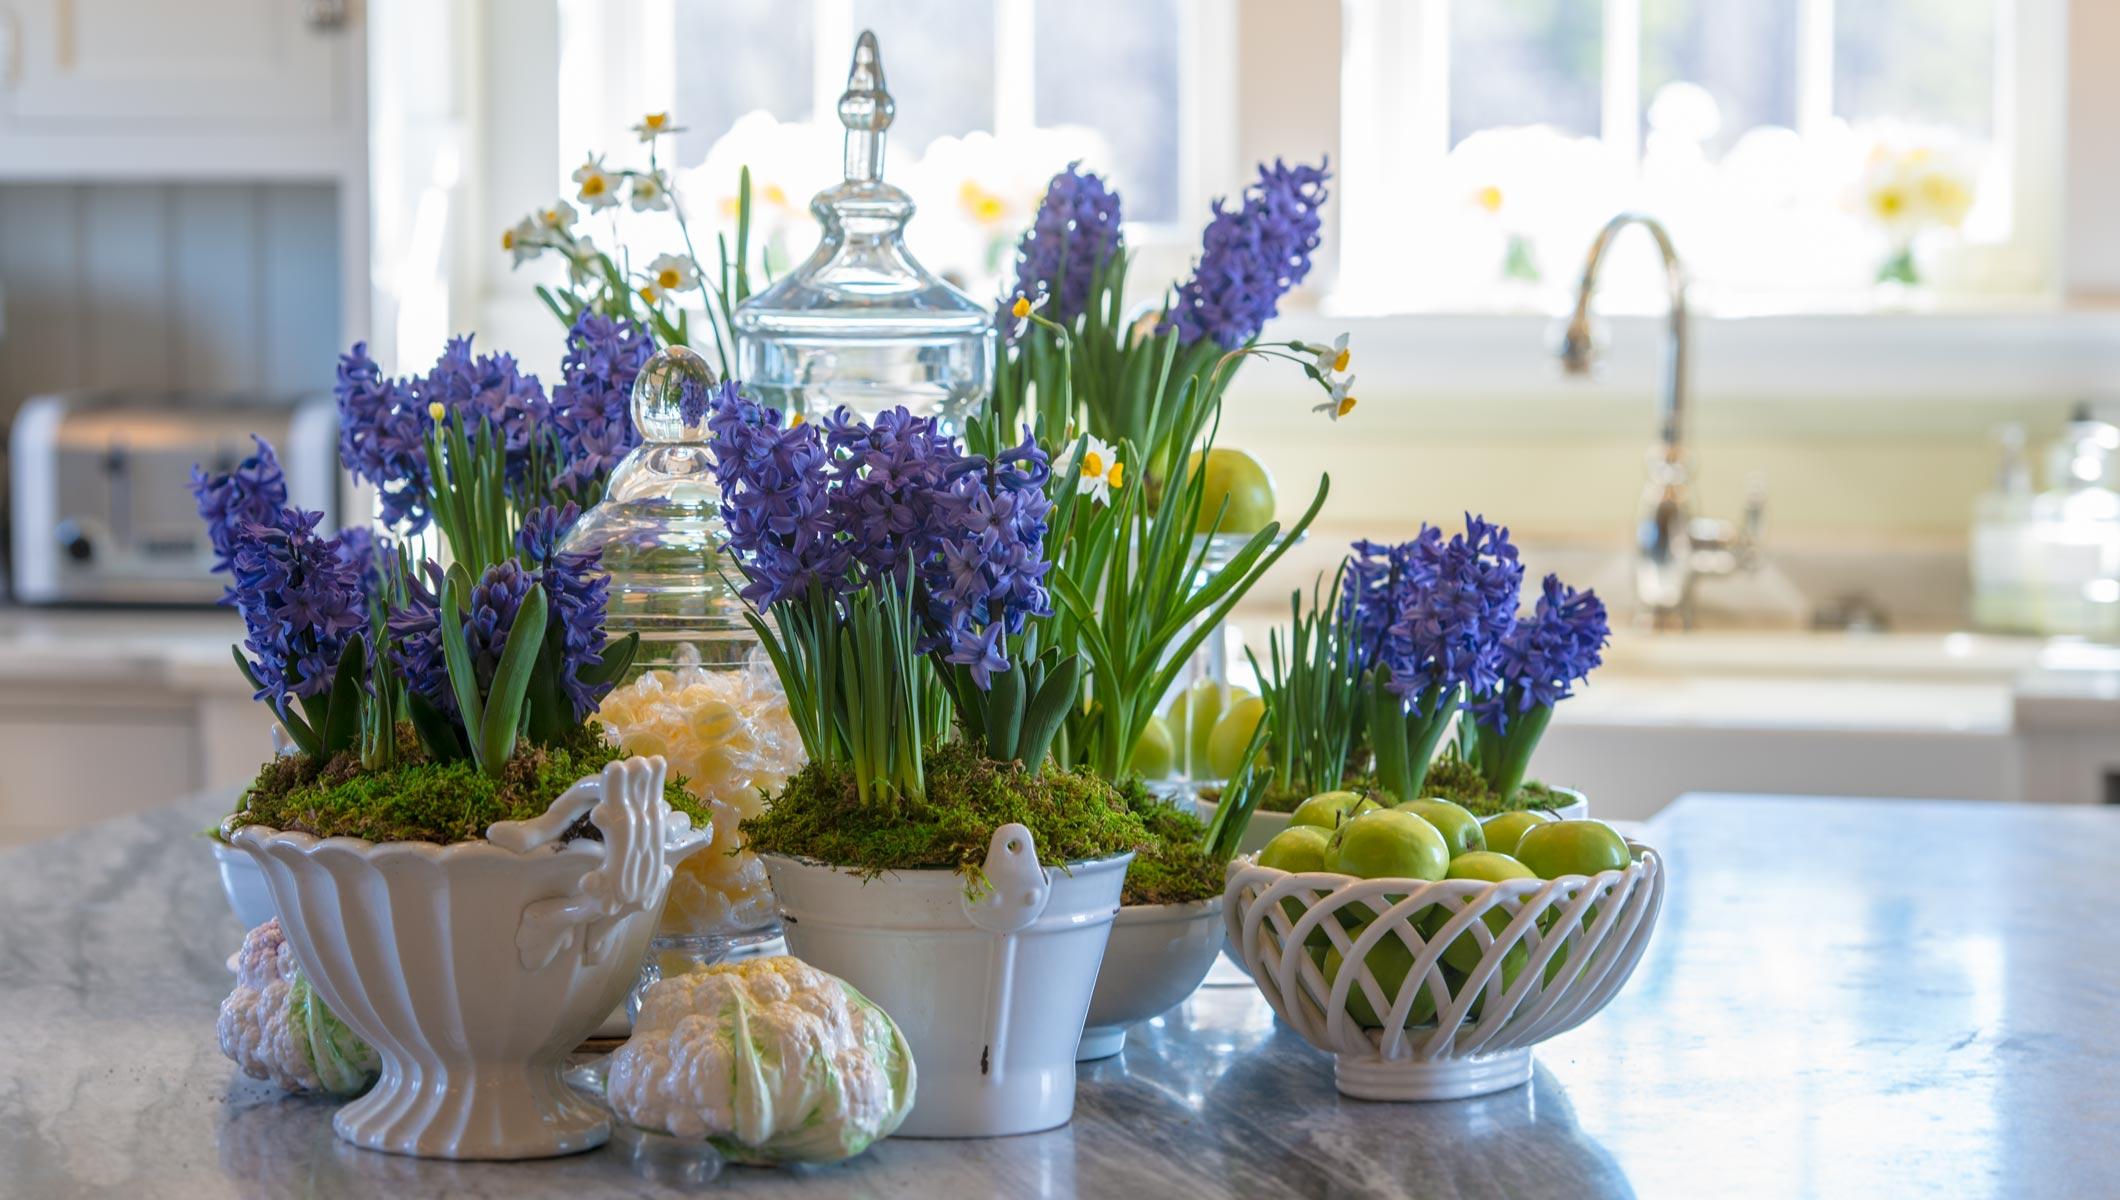 Гиацинт в горшке: уход в домашних условиях, как поливать 74